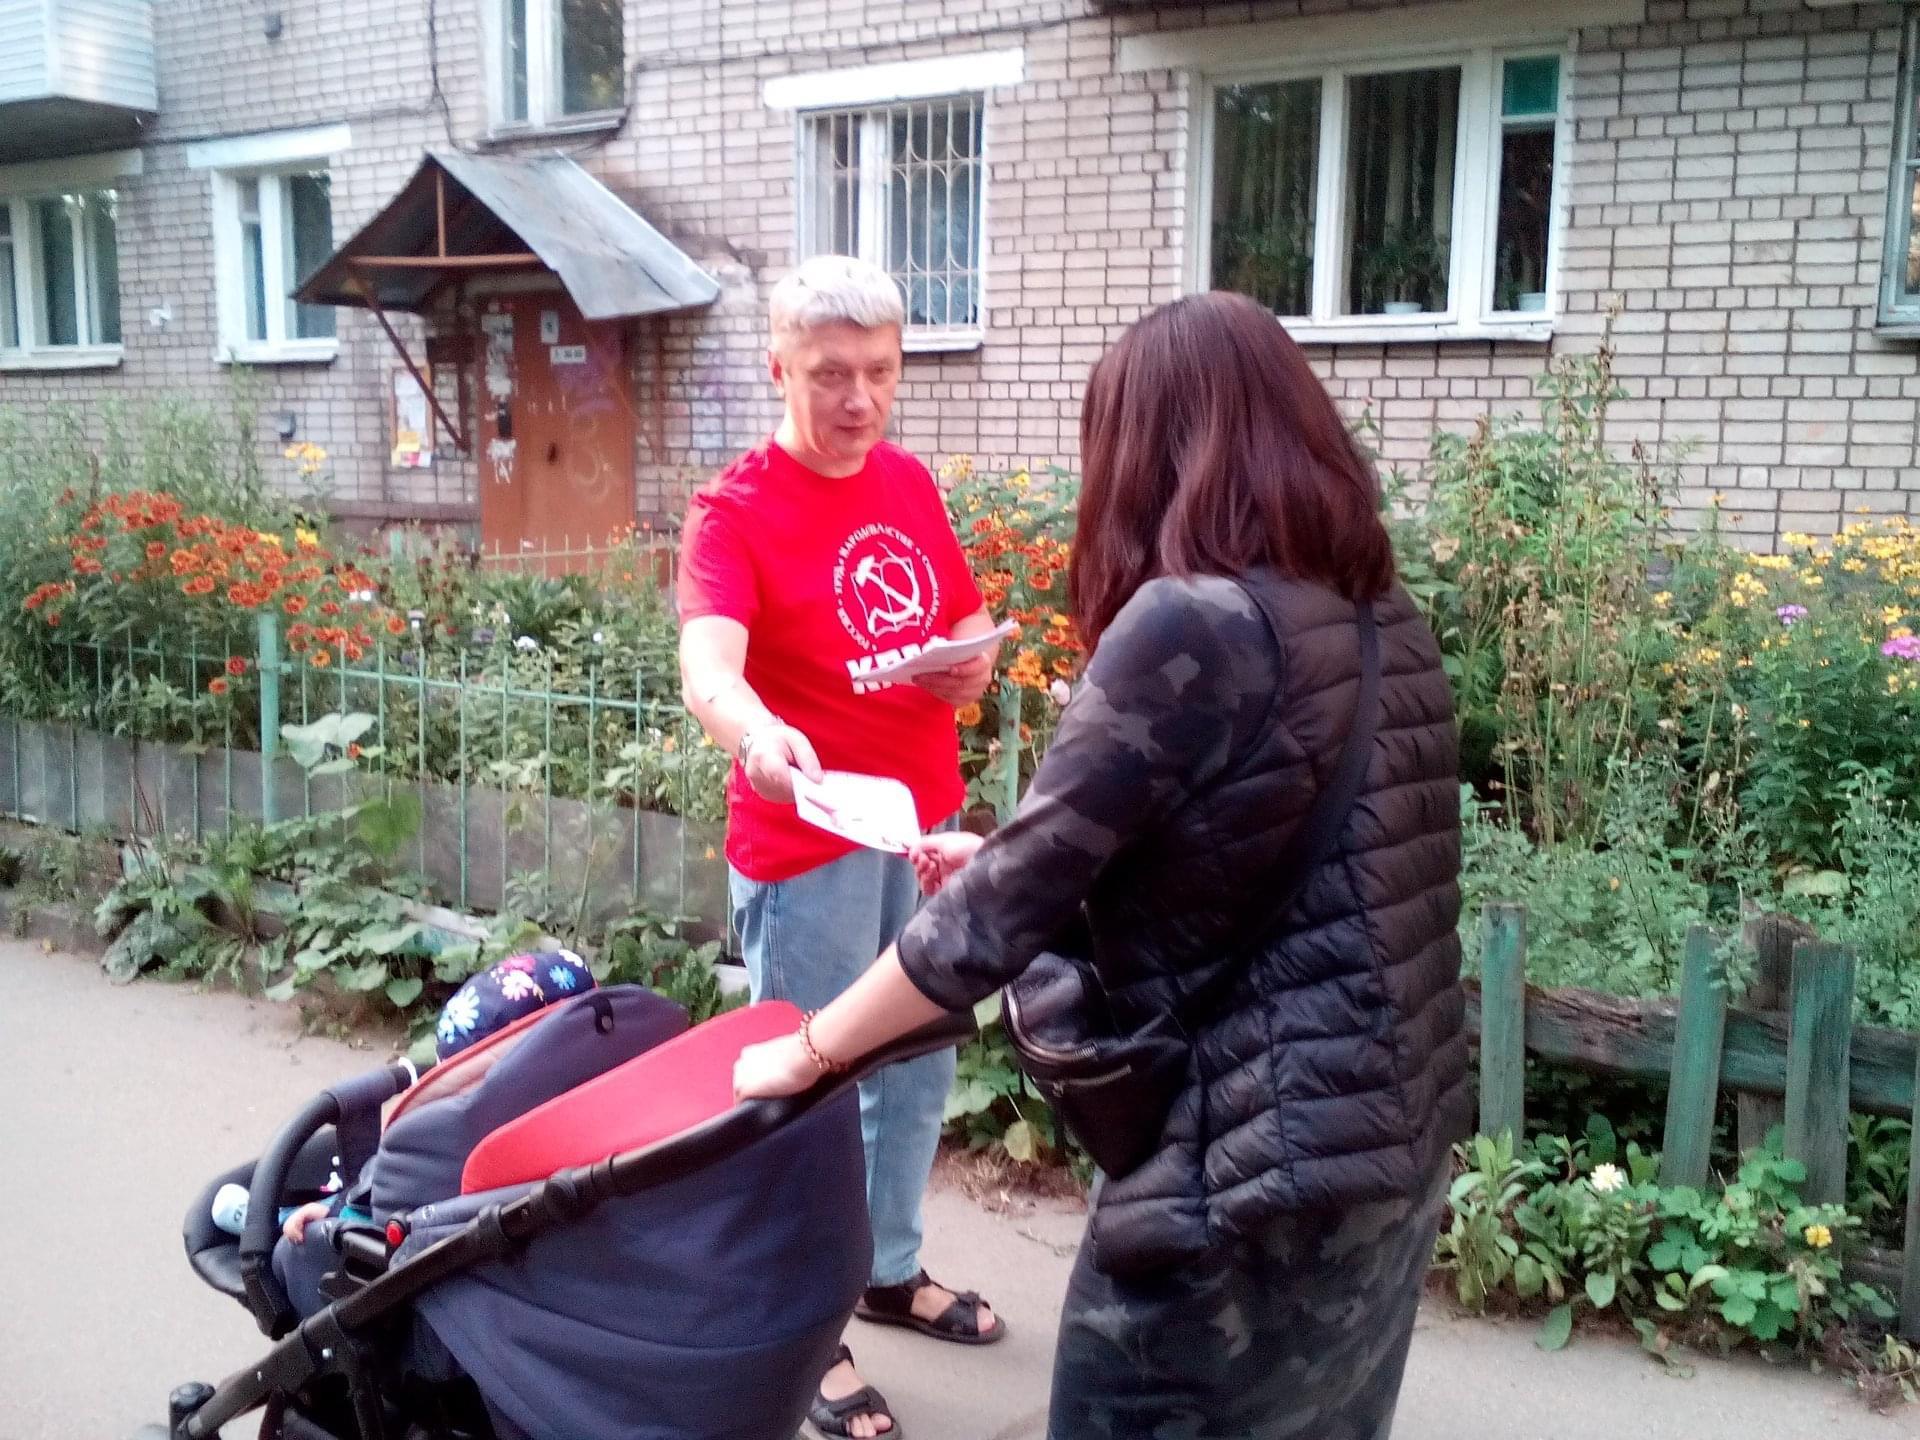 Продолжается работа в рамках агитационной кампании за кандидата от КПРФ Елену Кузнецову